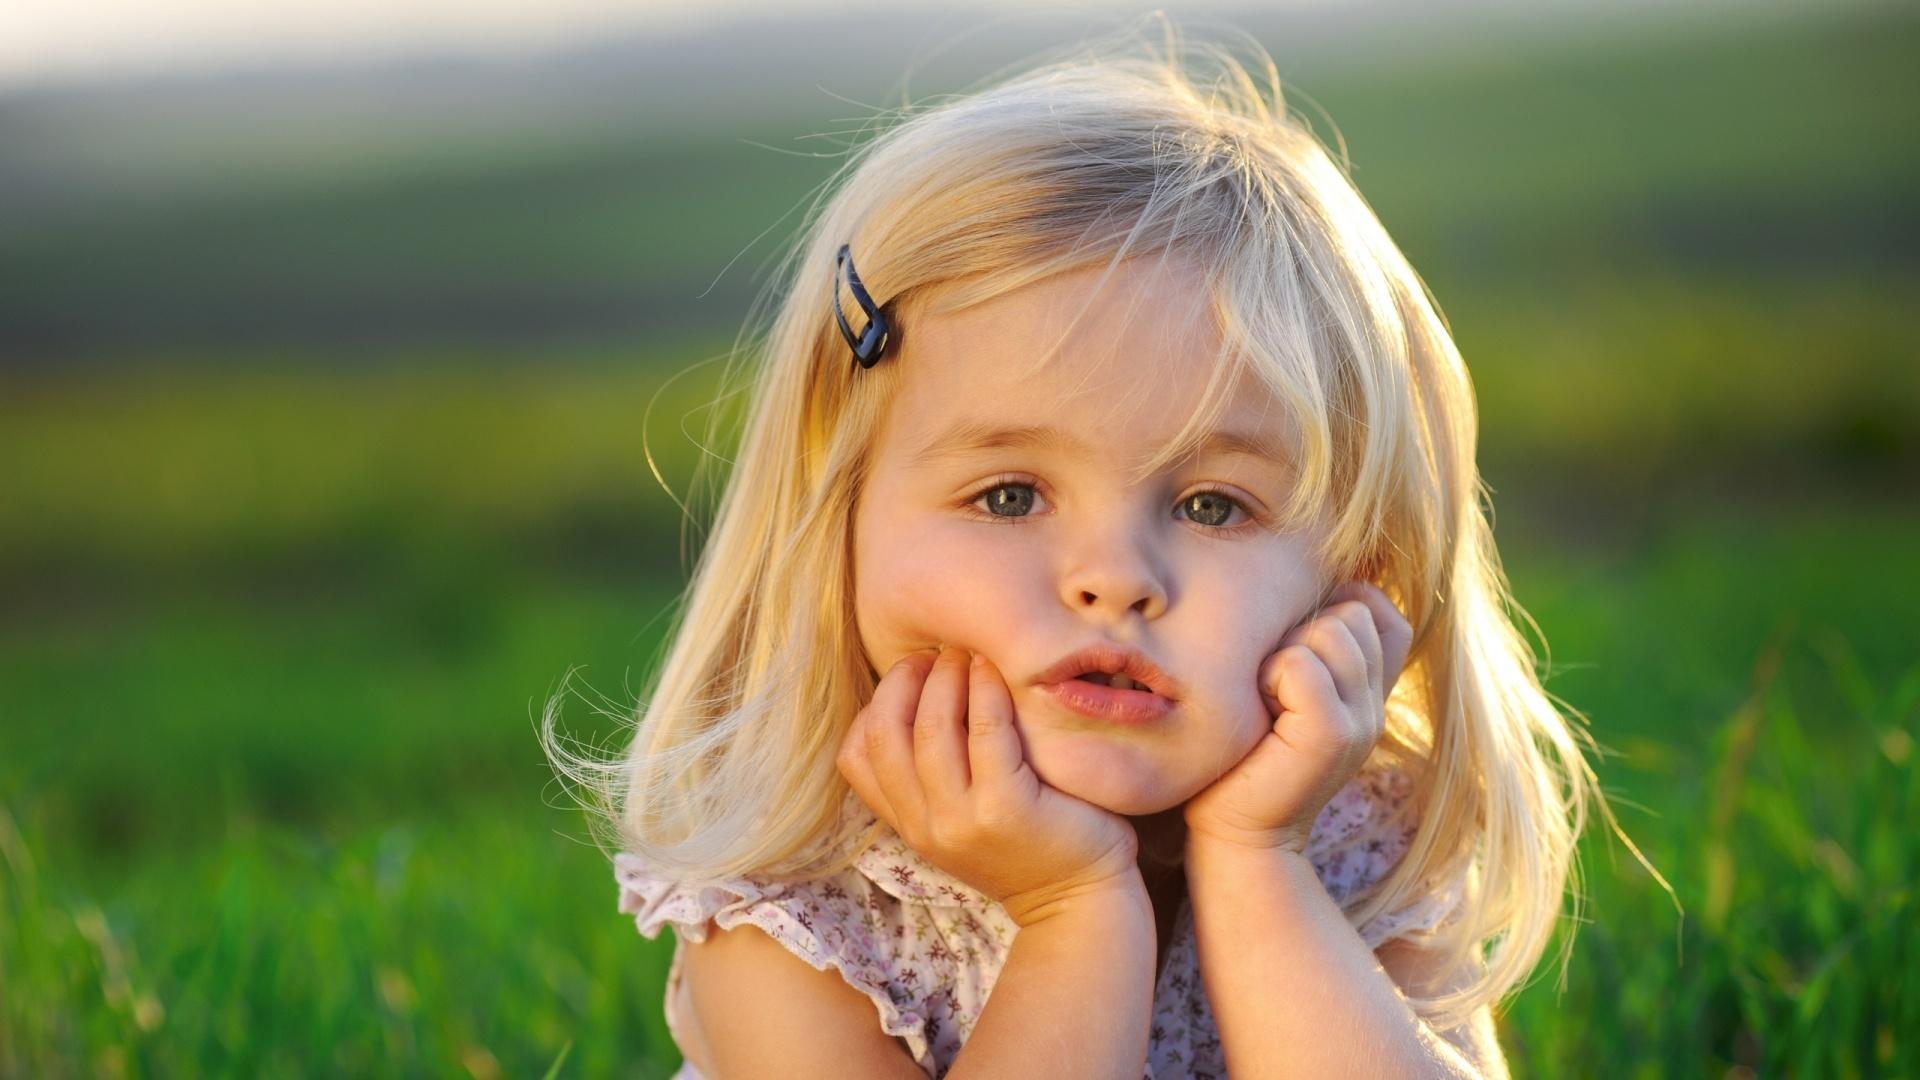 Фото девушки с маленькими, Маленькая грудьфото. Девушки с натуральной 23 фотография